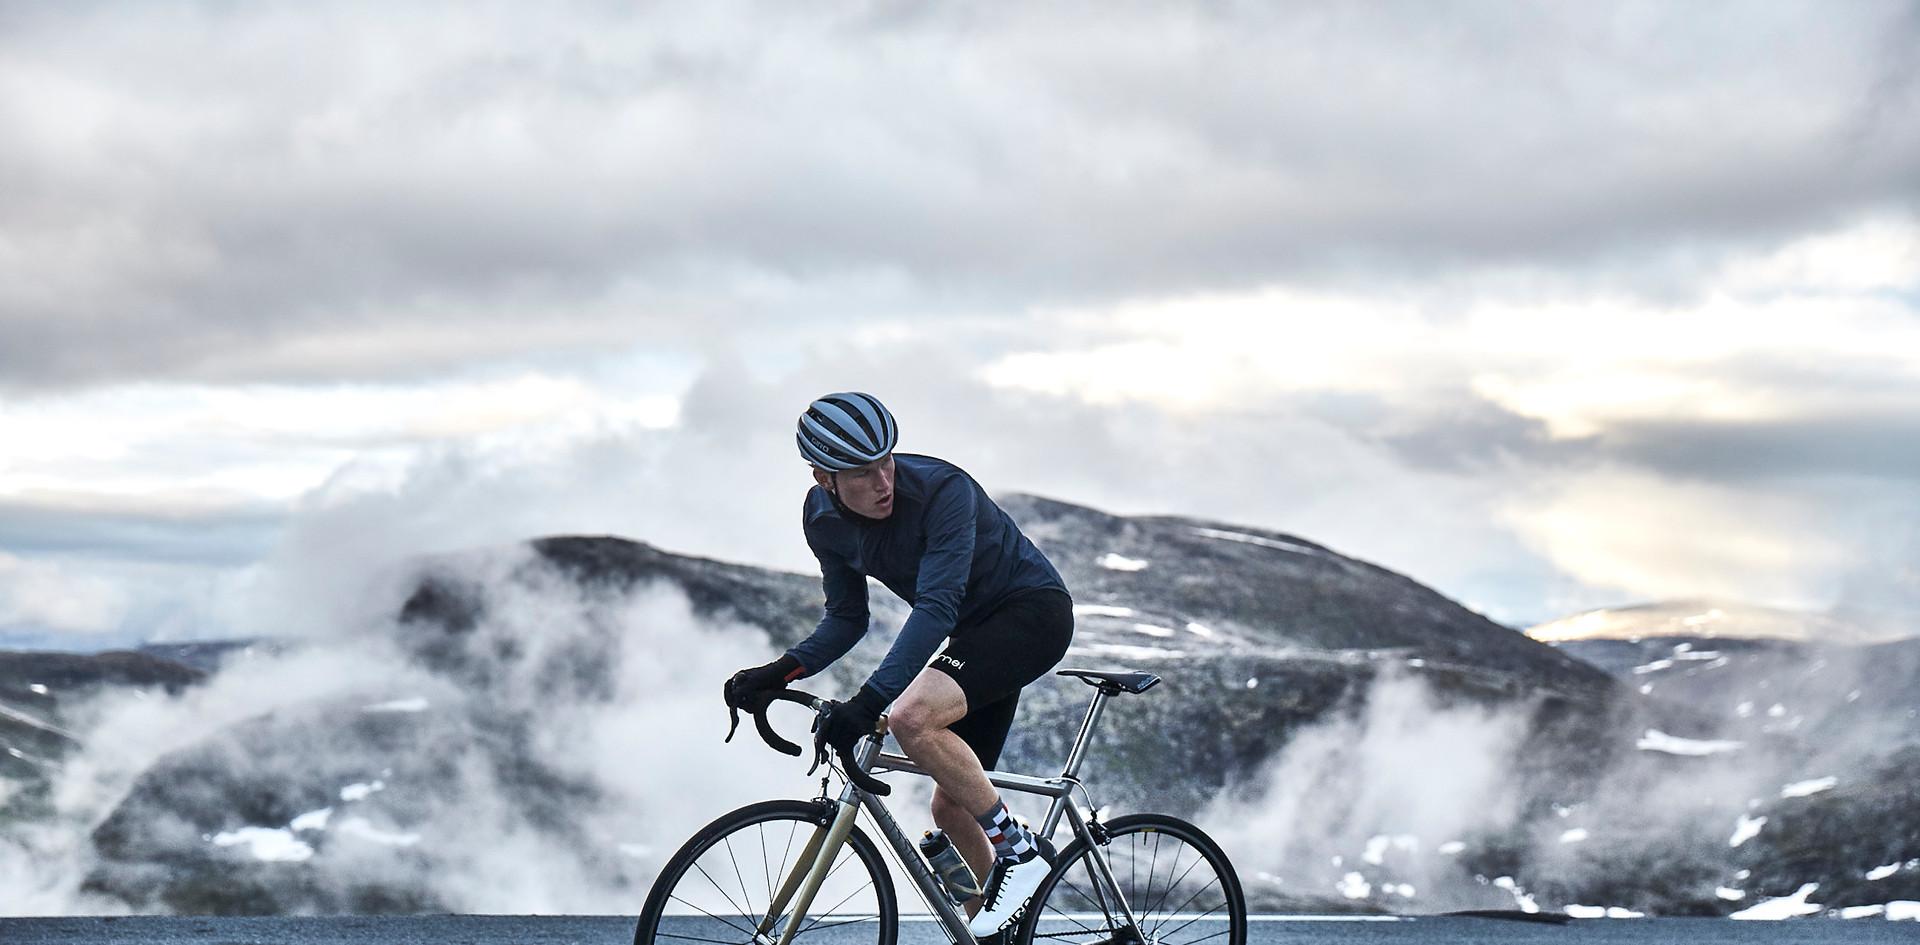 Blue Associates Sportswear cycle factory